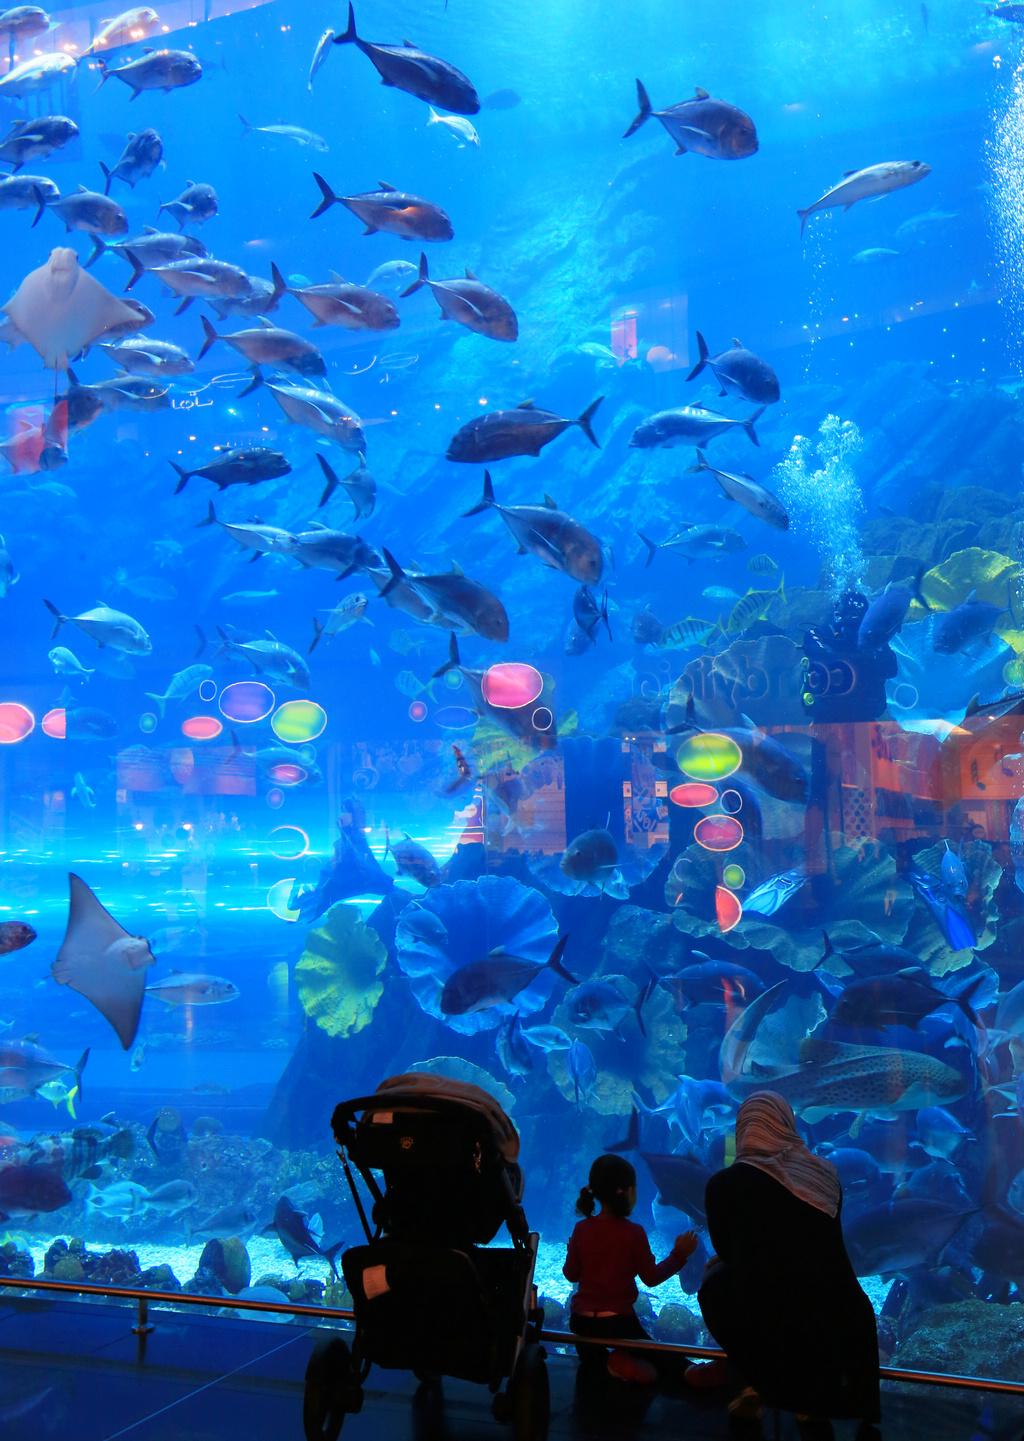 迪拜购物中心水族馆位于位于全球最高塔哈利法塔地下的大型购物中心迪拜商场,是号称全球之最的水族馆。迪拜购物中心水族馆于2008年11月开幕,水族馆观光廊长200米,据说进入了吉尼斯纪录。在迪拜mall逛的时候,这里是人气最旺的地方,很多家庭都喜欢这个水族馆,光影之中很有海底世界的感觉。